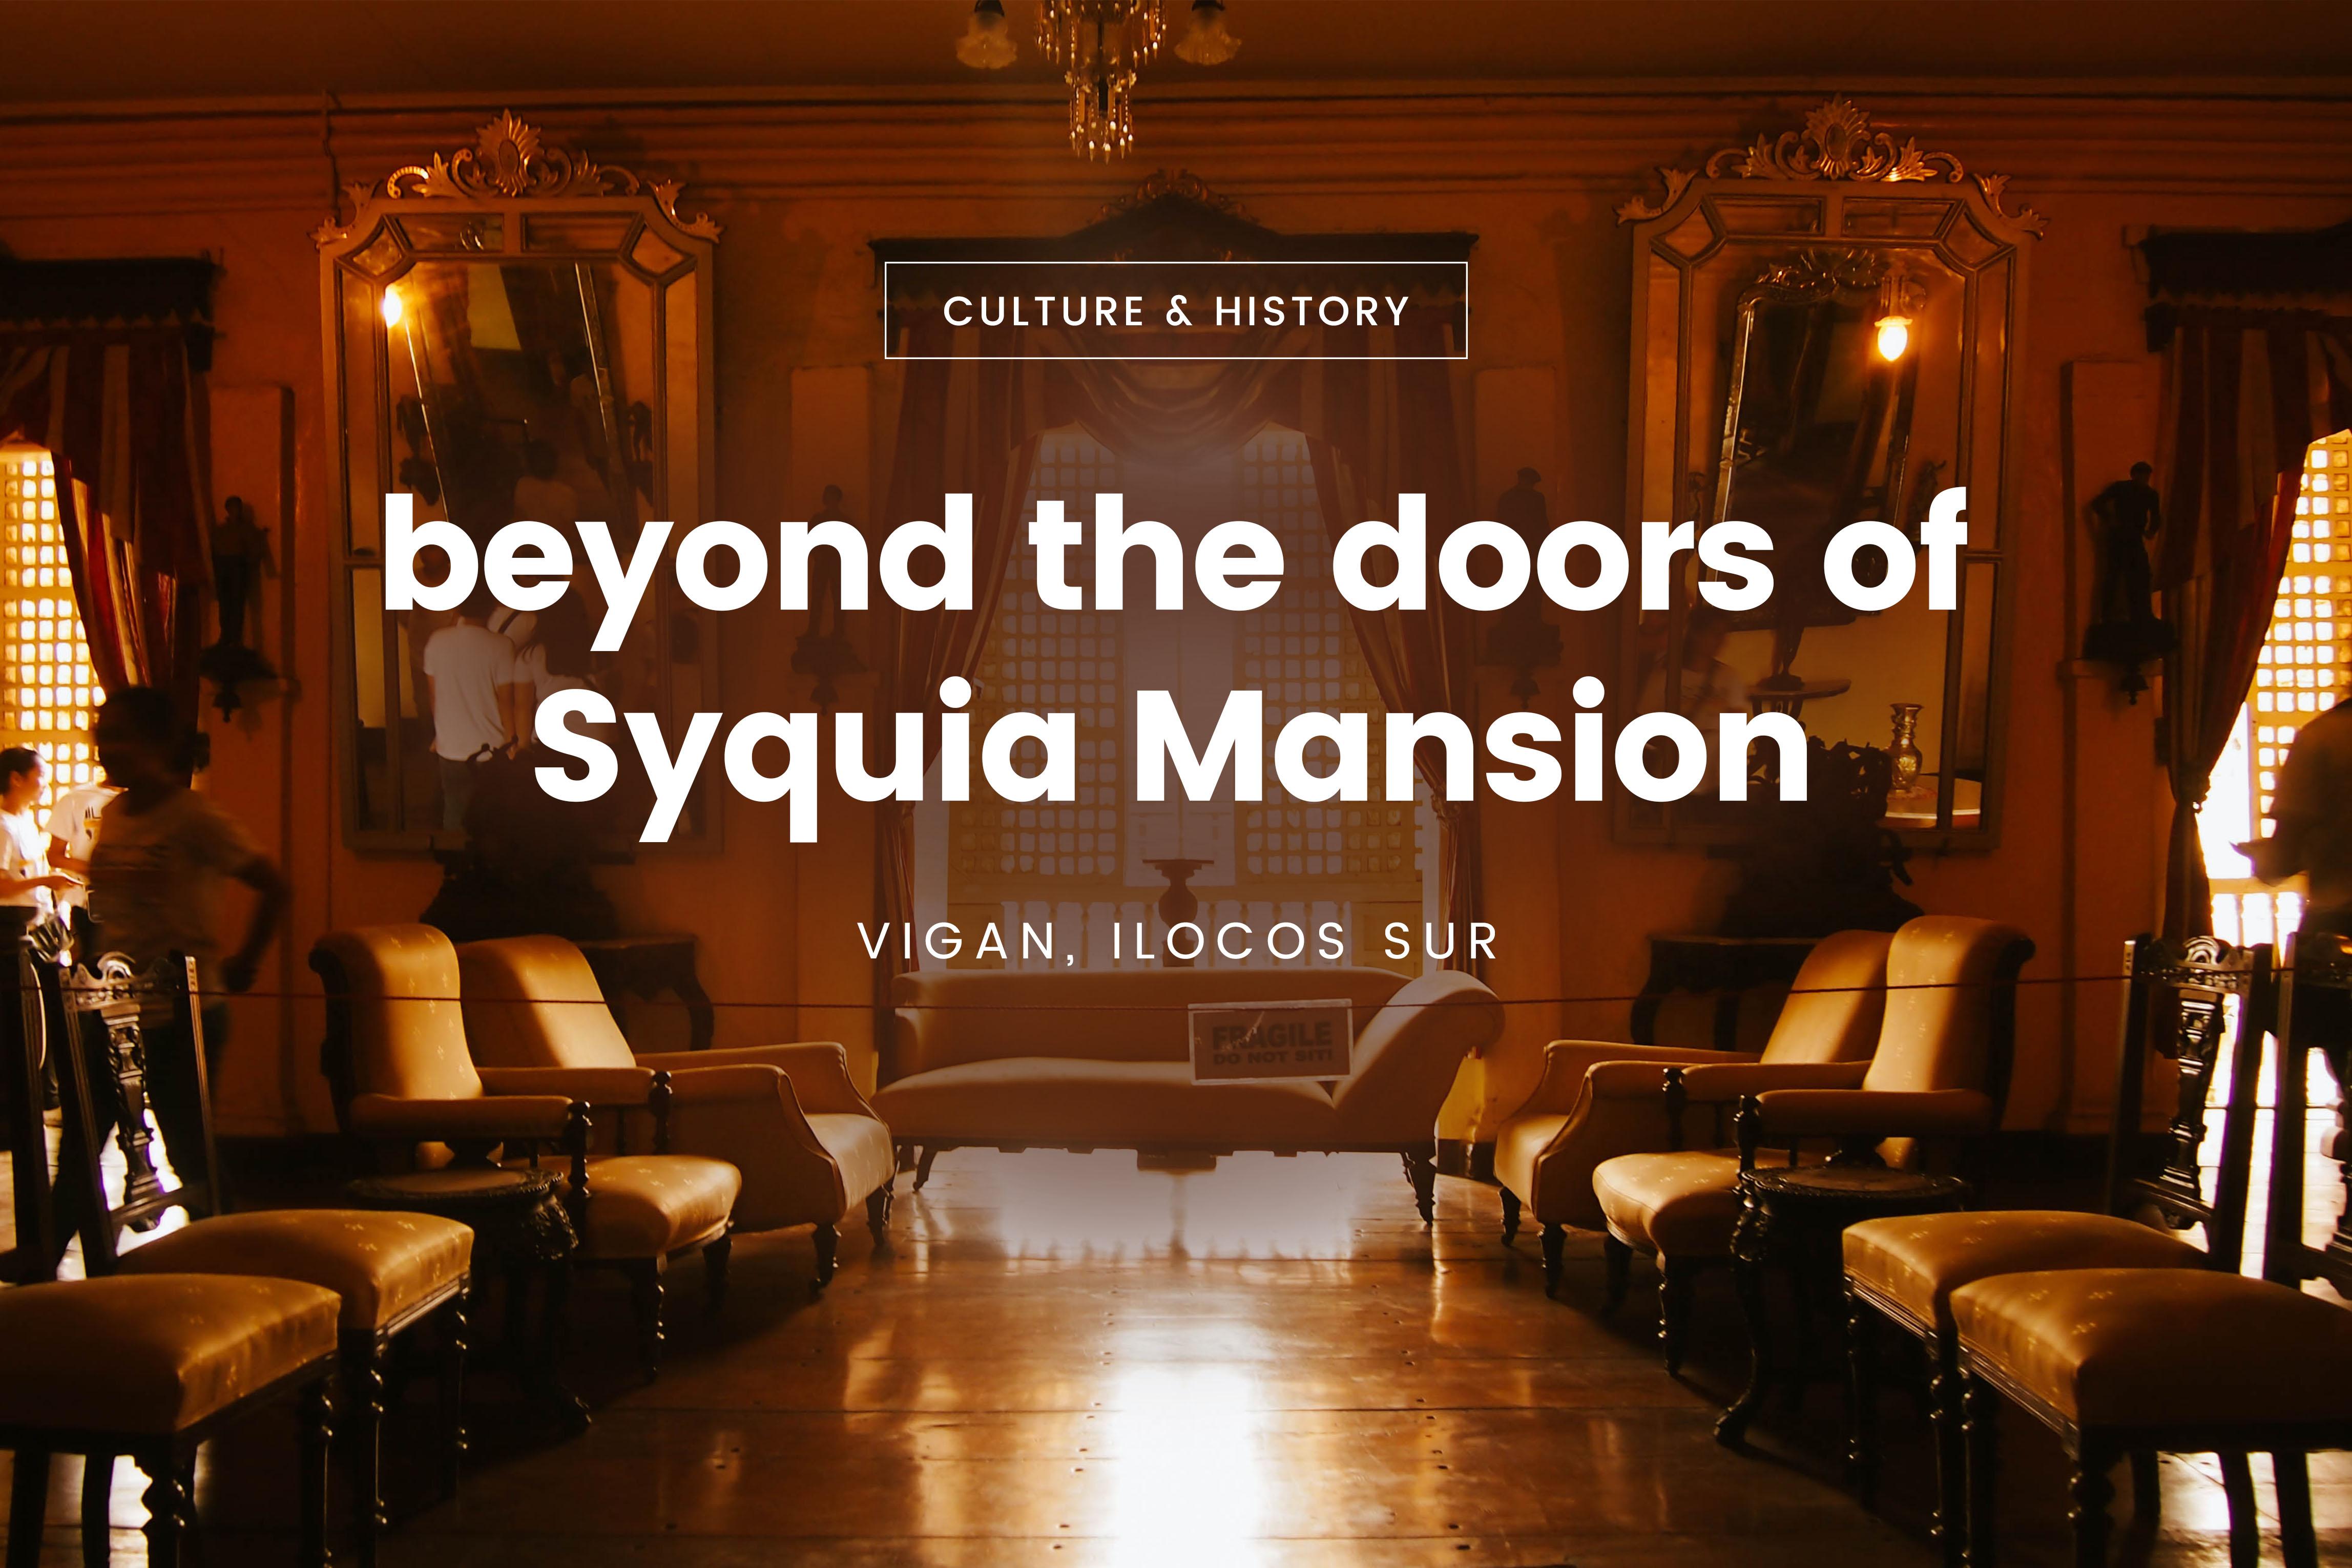 Syquia Mansion, Vigan, Ilocos Sur